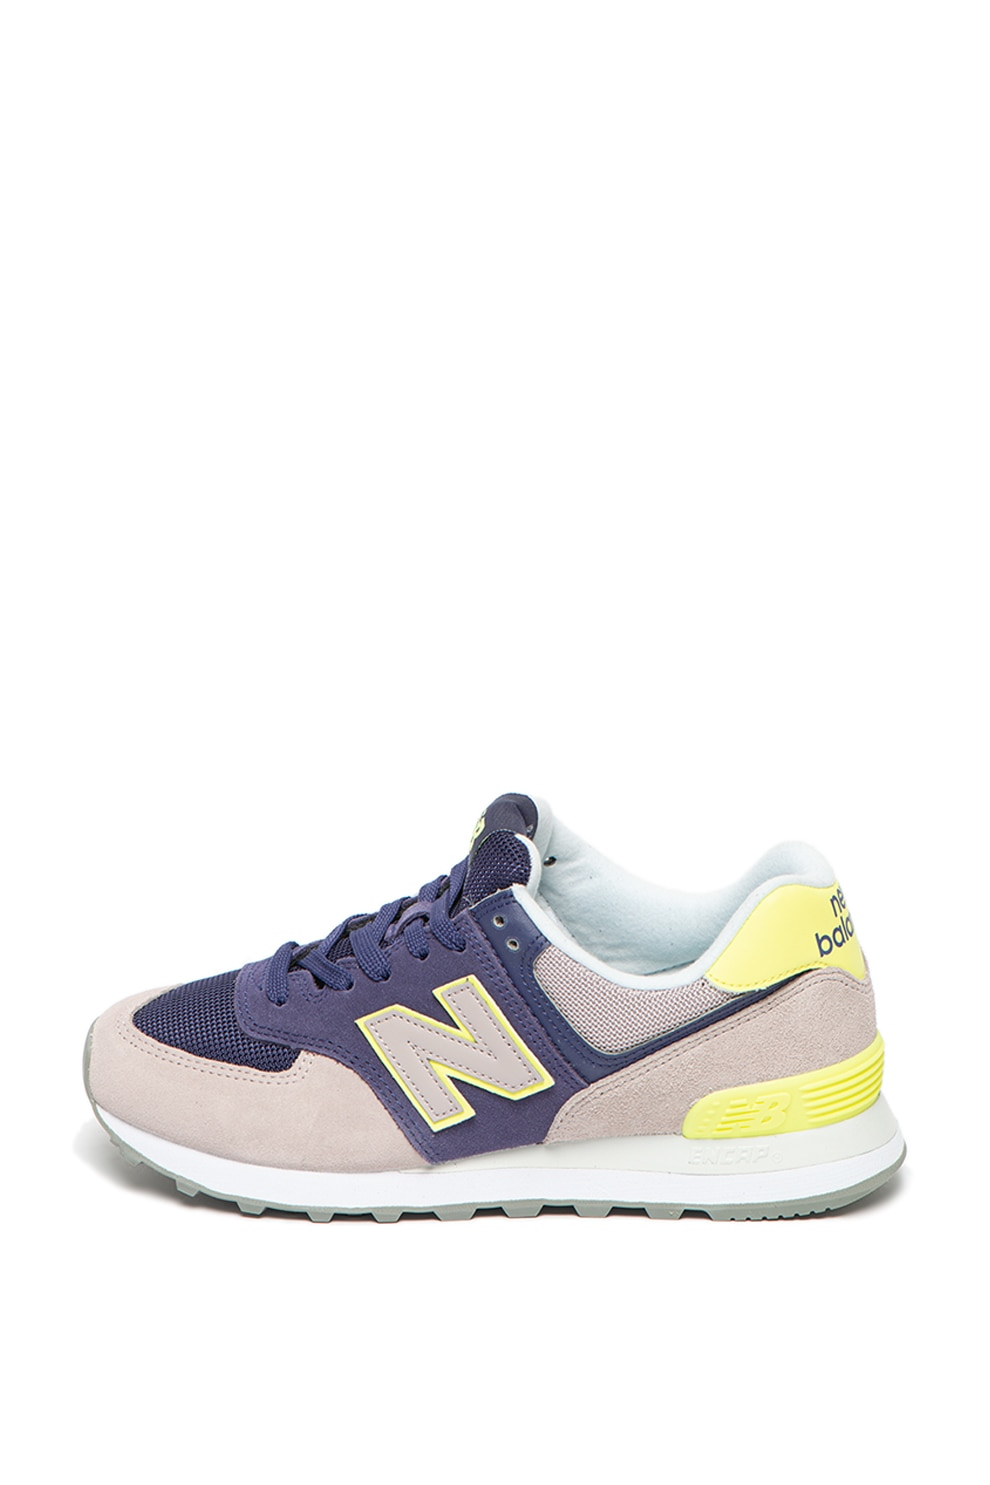 New Balance, Pantofi sport de piele intoarsa, cu garnituri neon ...